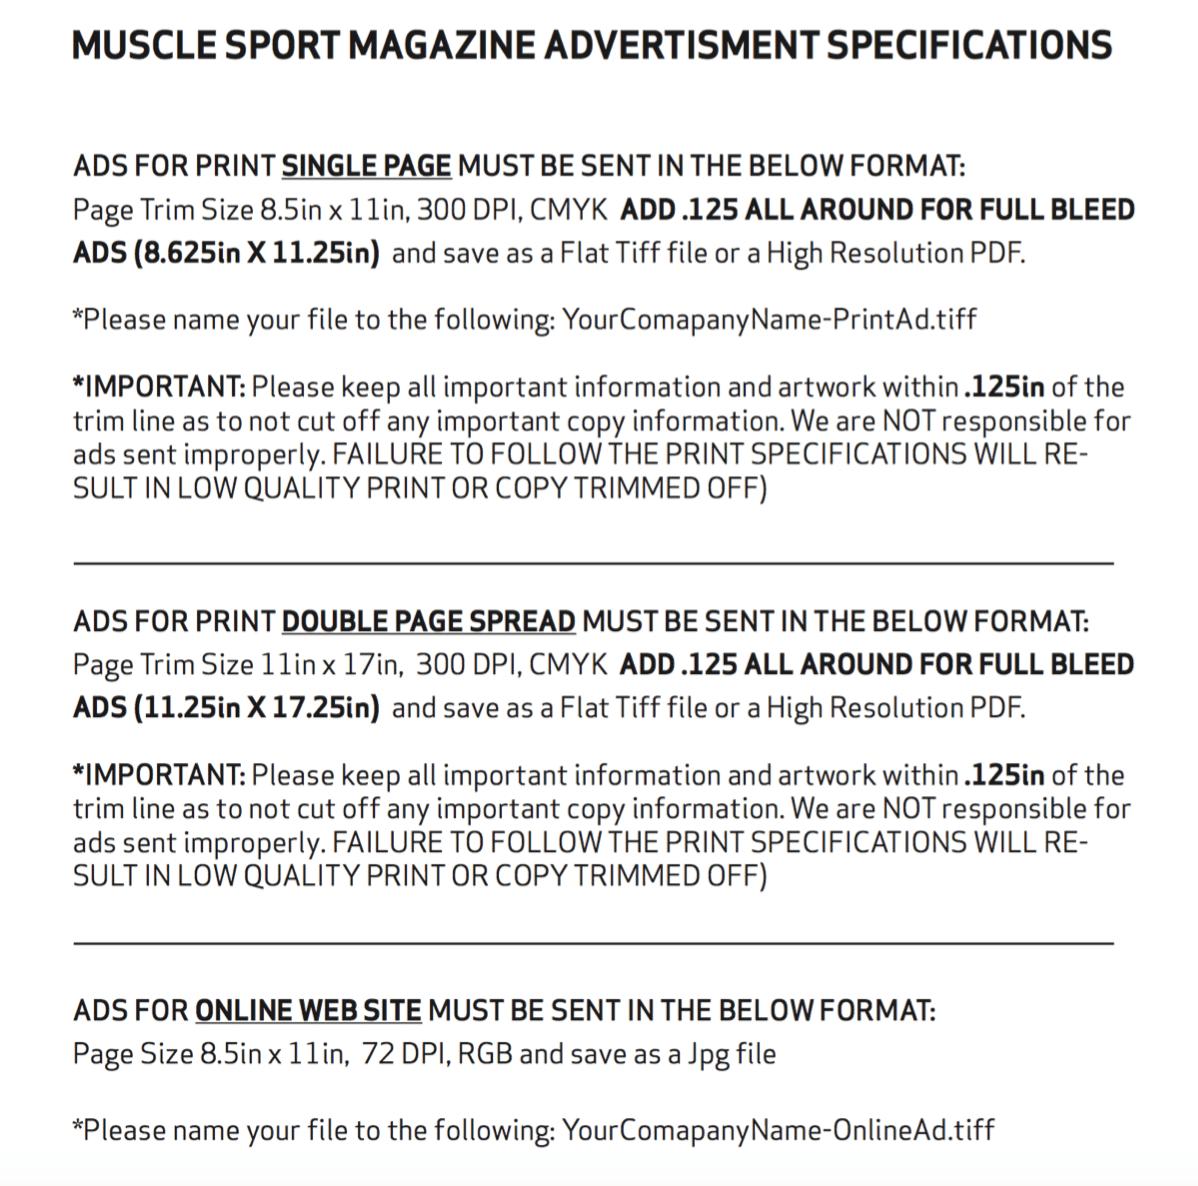 MSM Ad Specs 2016